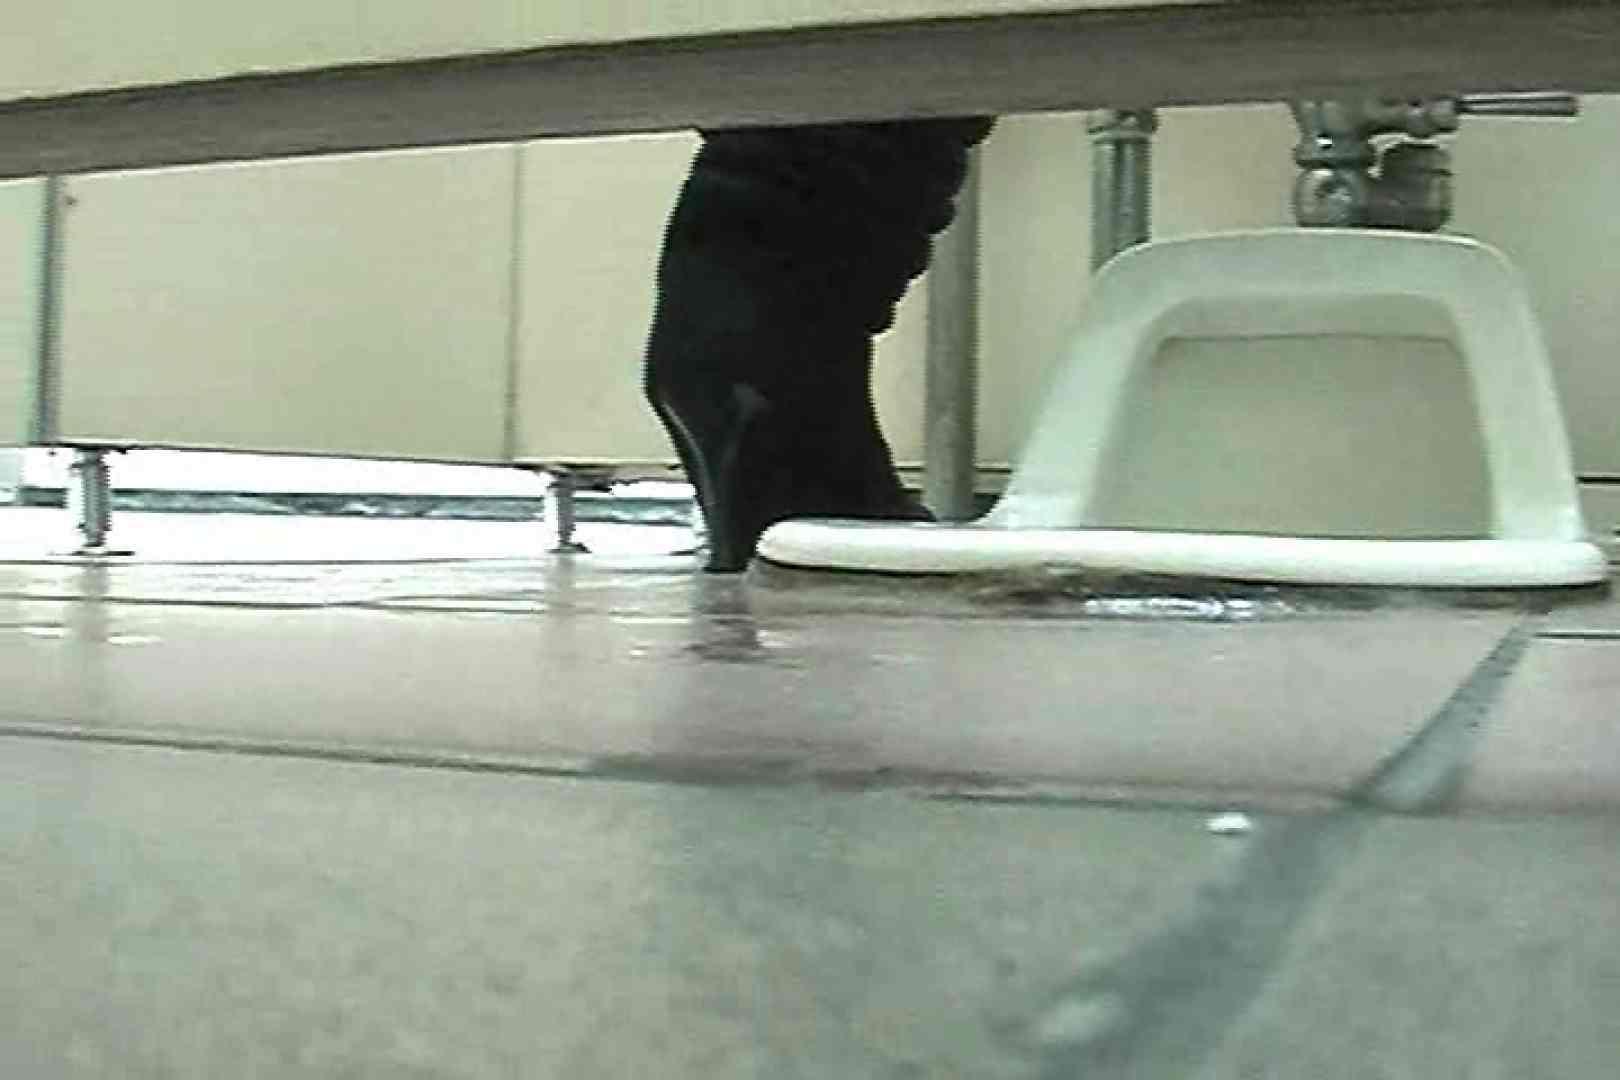 マンコ丸見え女子洗面所Vol.9 排便 隠し撮りオマンコ動画紹介 78pic 9